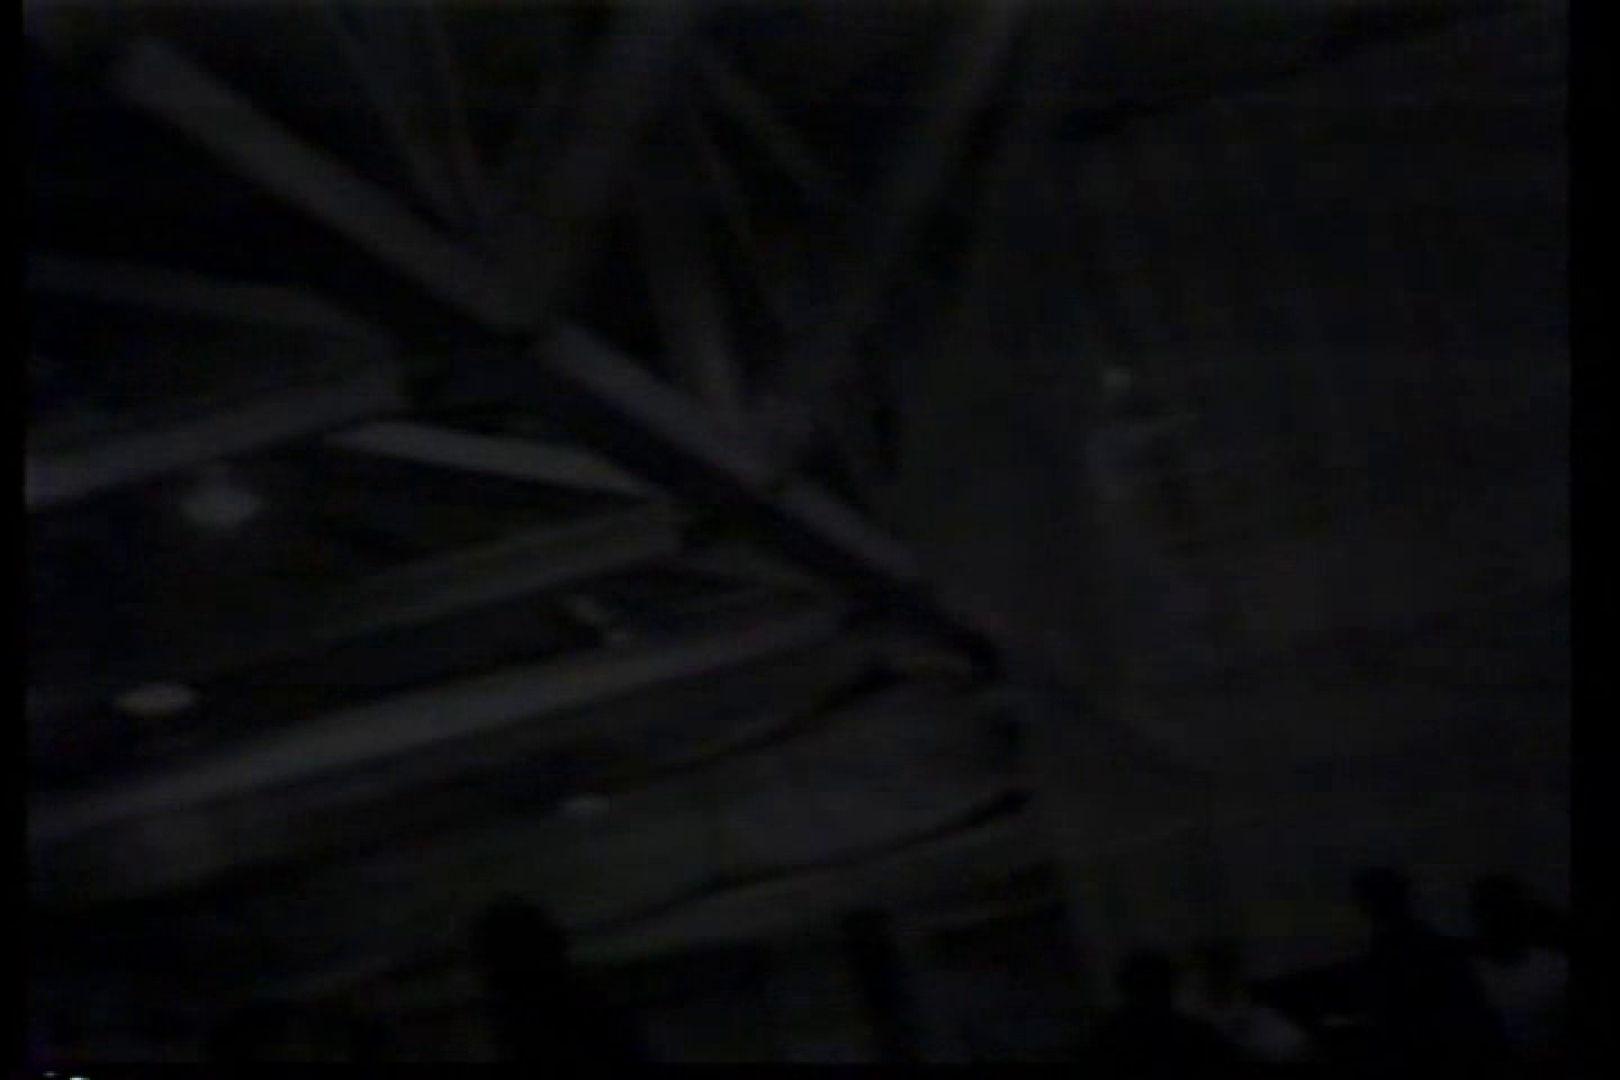 洋人さんの脱衣所を覗いてみました。VOL.5 ボーイズ覗き | ガチムチマッチョ系  80pic 24